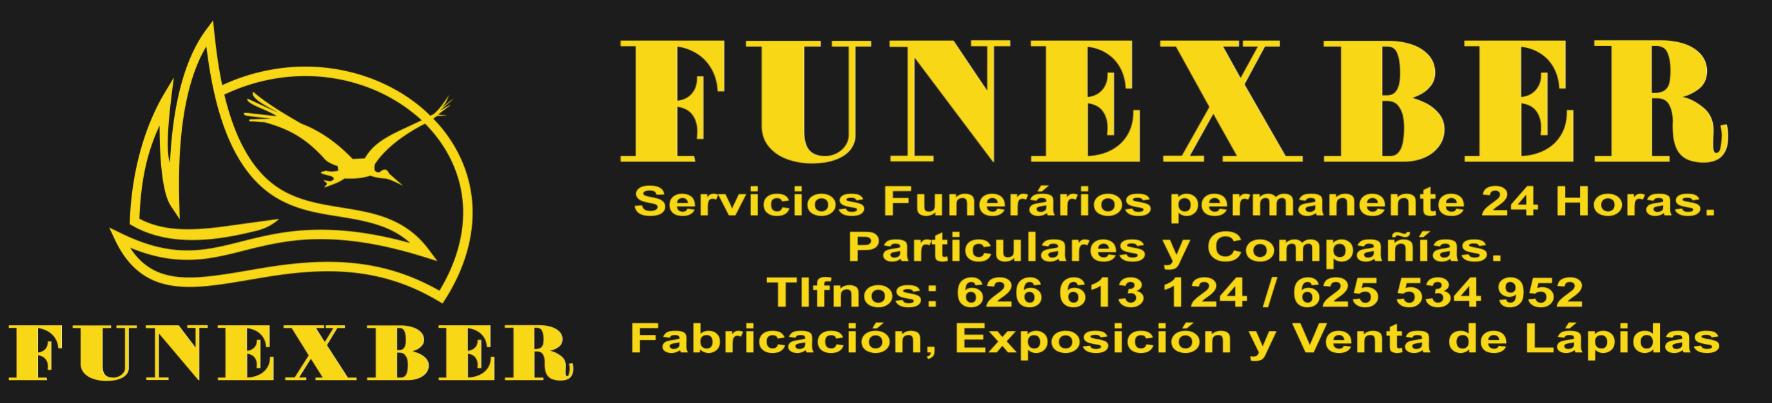 Servicios funerarios Malpartida de Plasencia Tanatorio Funexber (